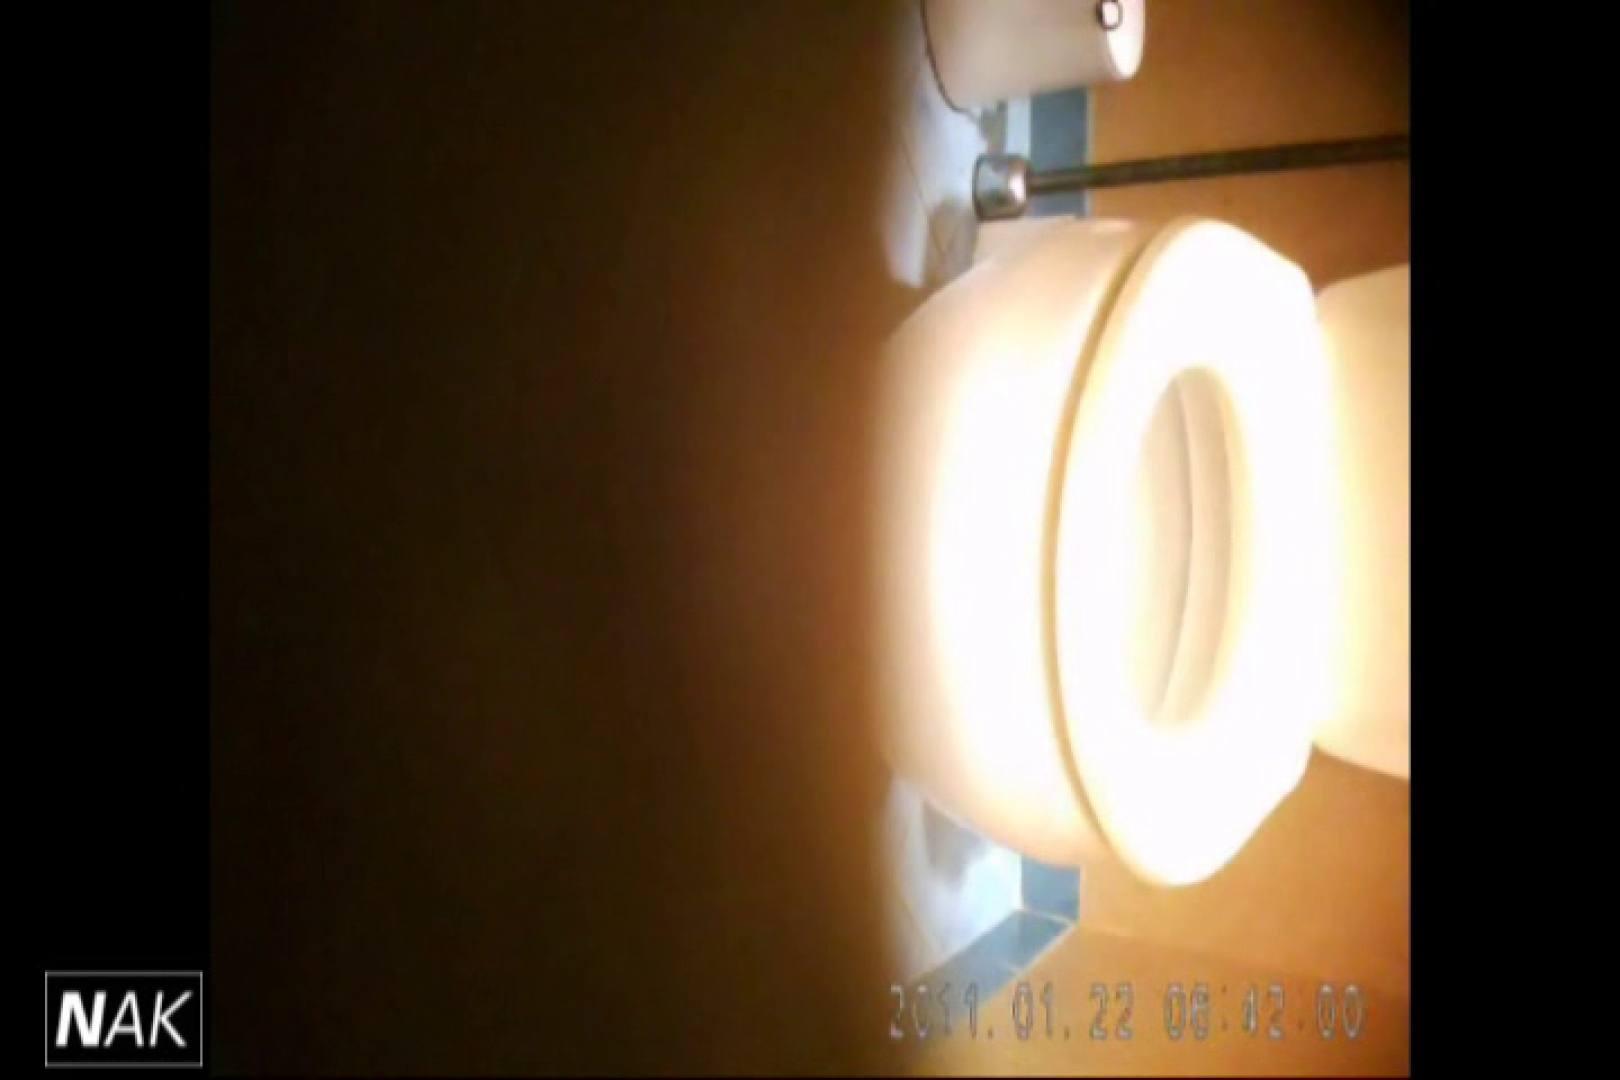 せん八さんの厠観察日記!2点監視カメラ 高画質5000K vol.09 厠 | リアル黄金水  90画像 56